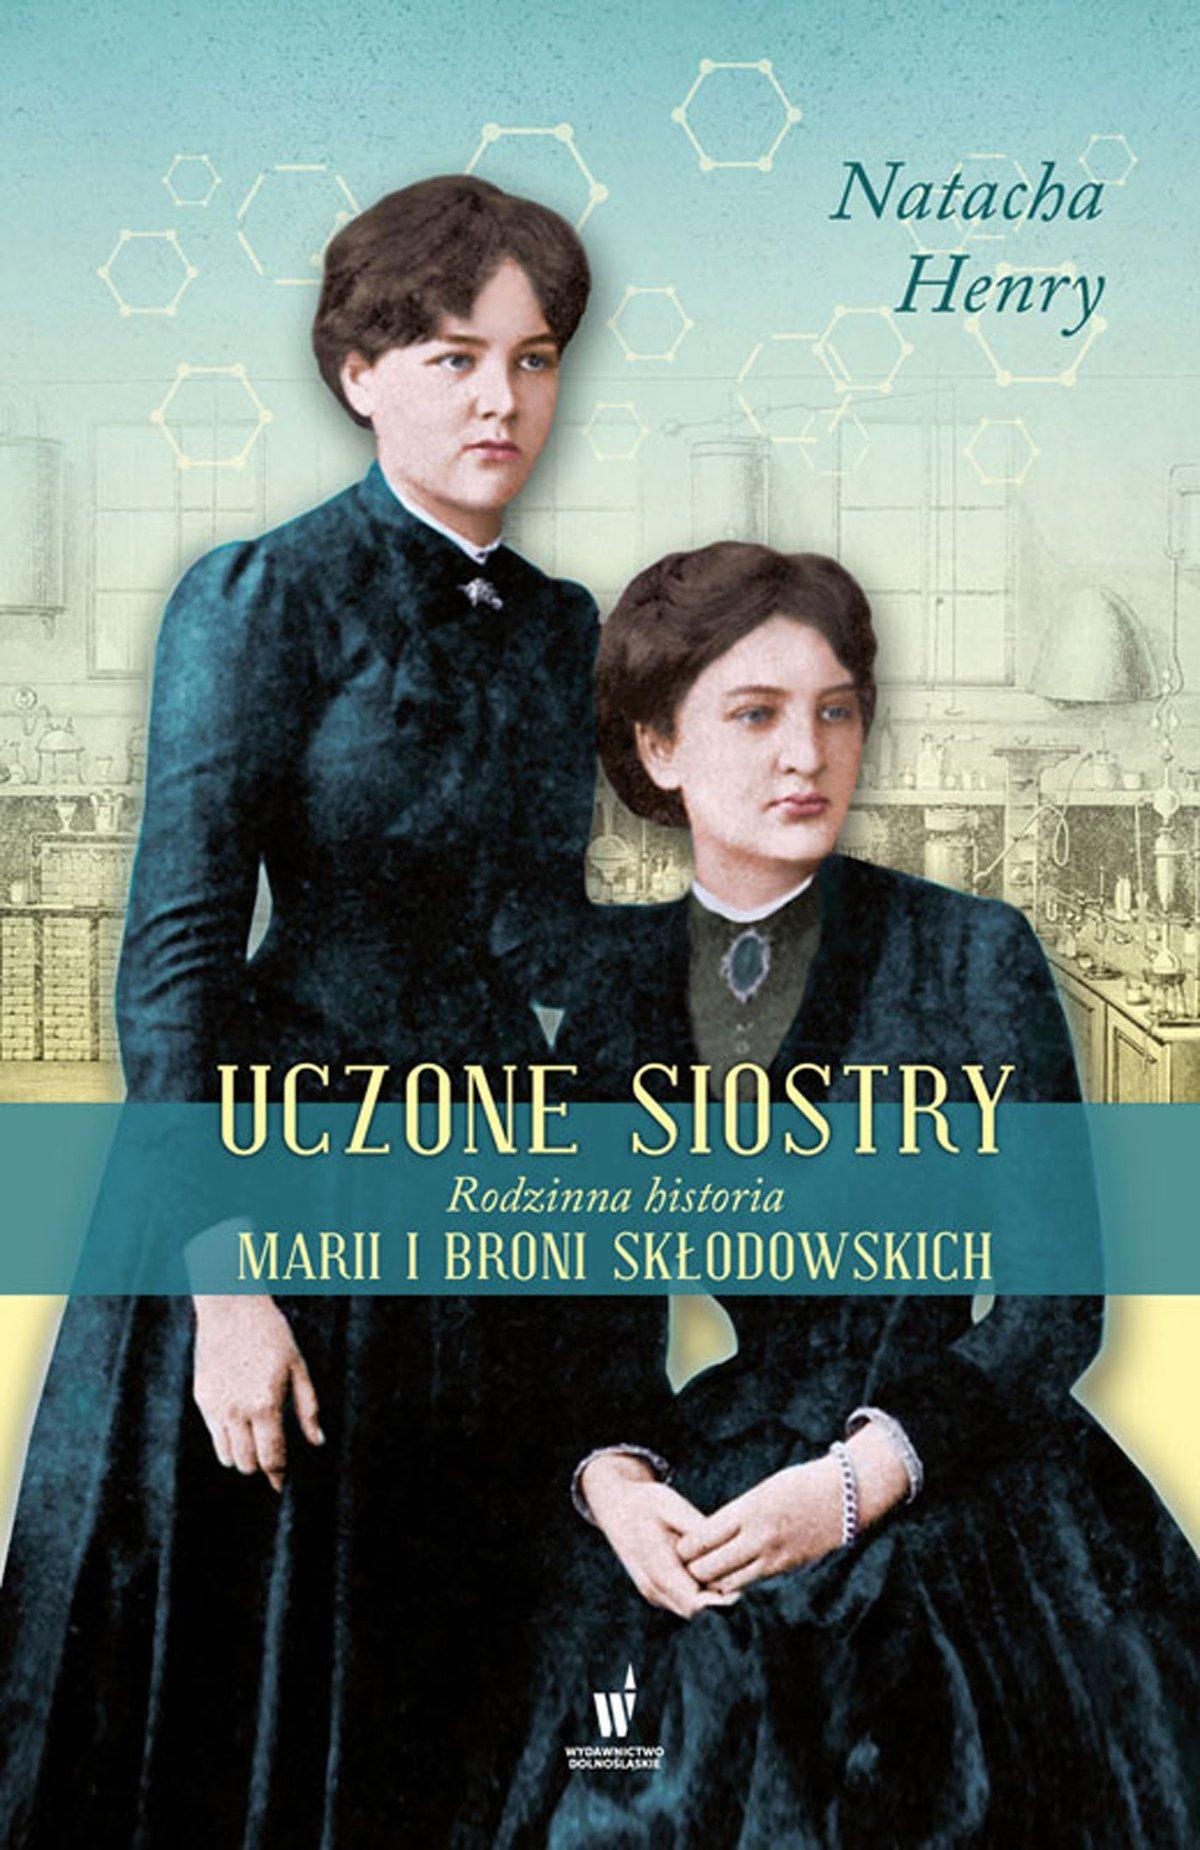 Uczone siostry - Ebook (Książka na Kindle) do pobrania w formacie MOBI